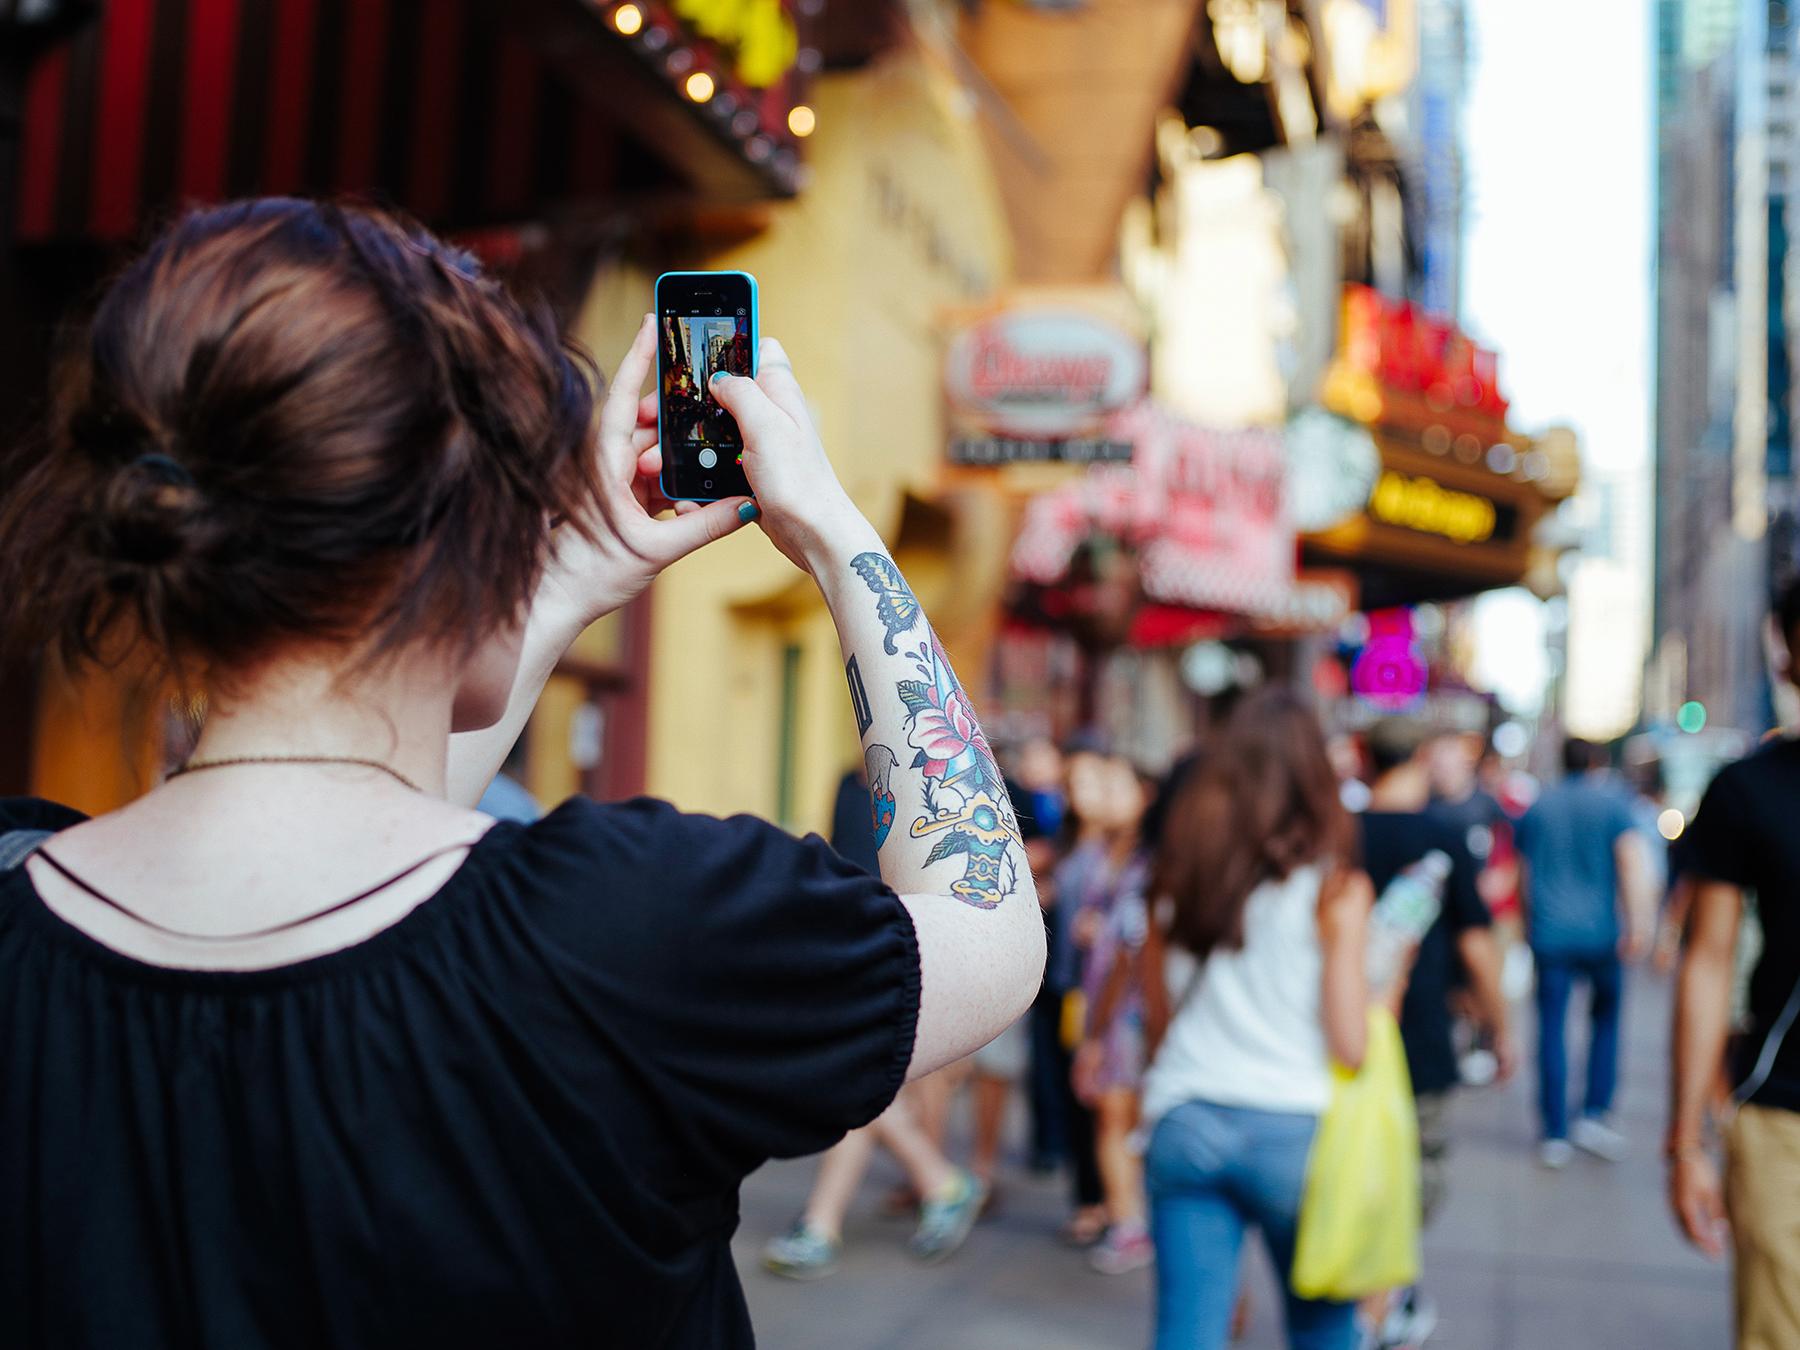 Se possiedi un iPhone, sicuramente farai largo uso della fotocamera. Foto di © Annie Spratt